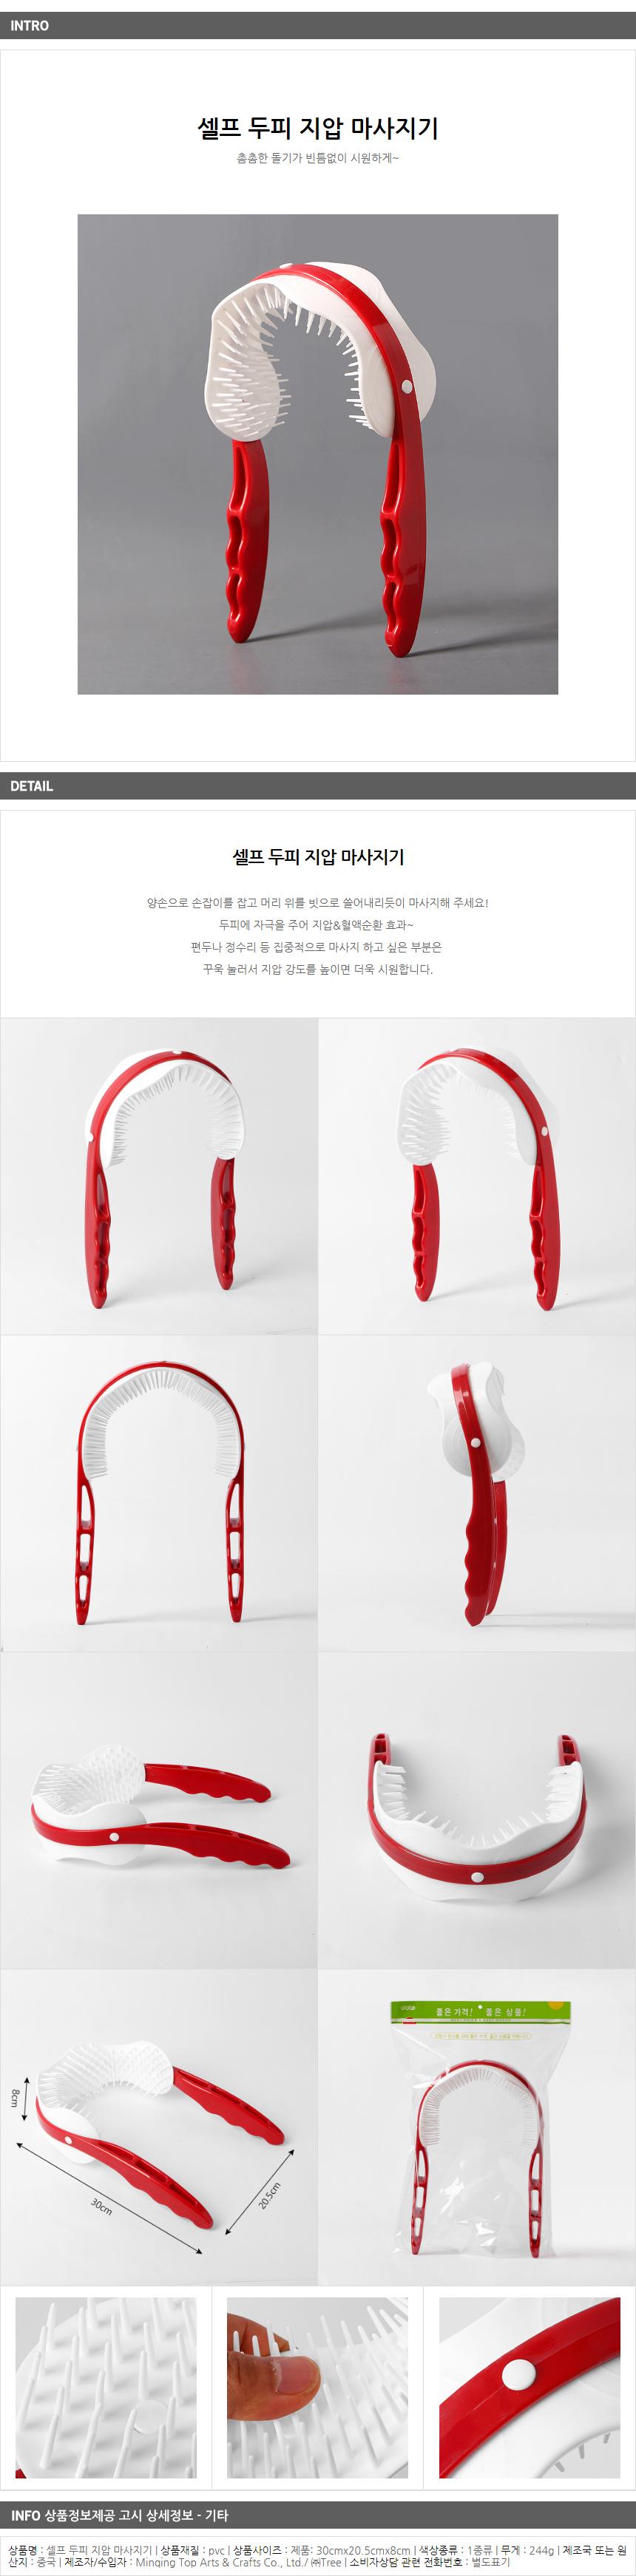 두피 지압 마사지기 - 기프트갓, 5,080원, 운동기구/소품, 운동소품